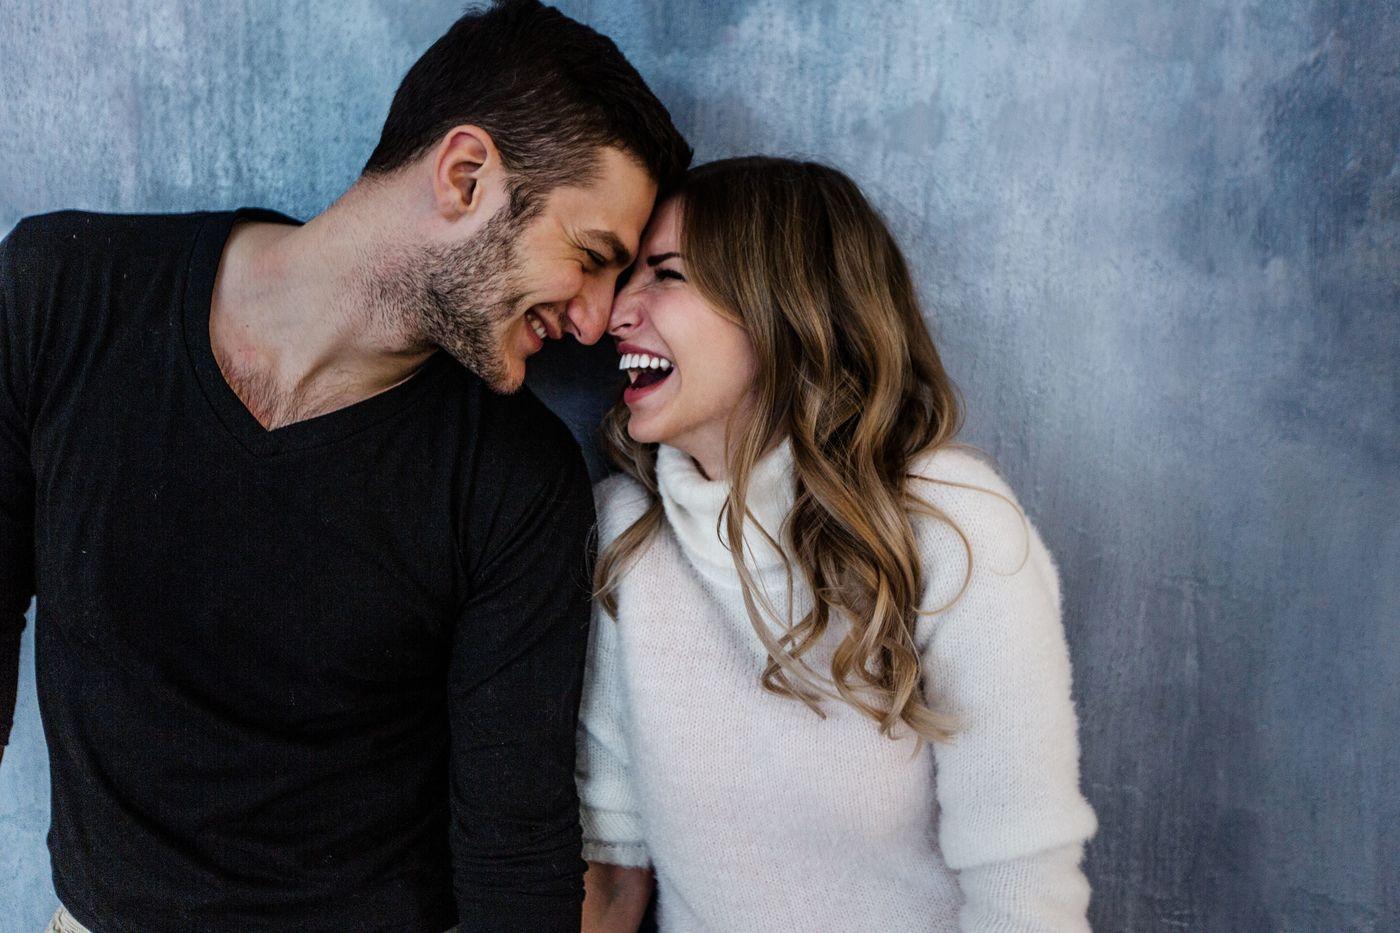 《カップル向け》恋人と距離を置くときの対処法・理想的な期間とは?の12枚目の画像